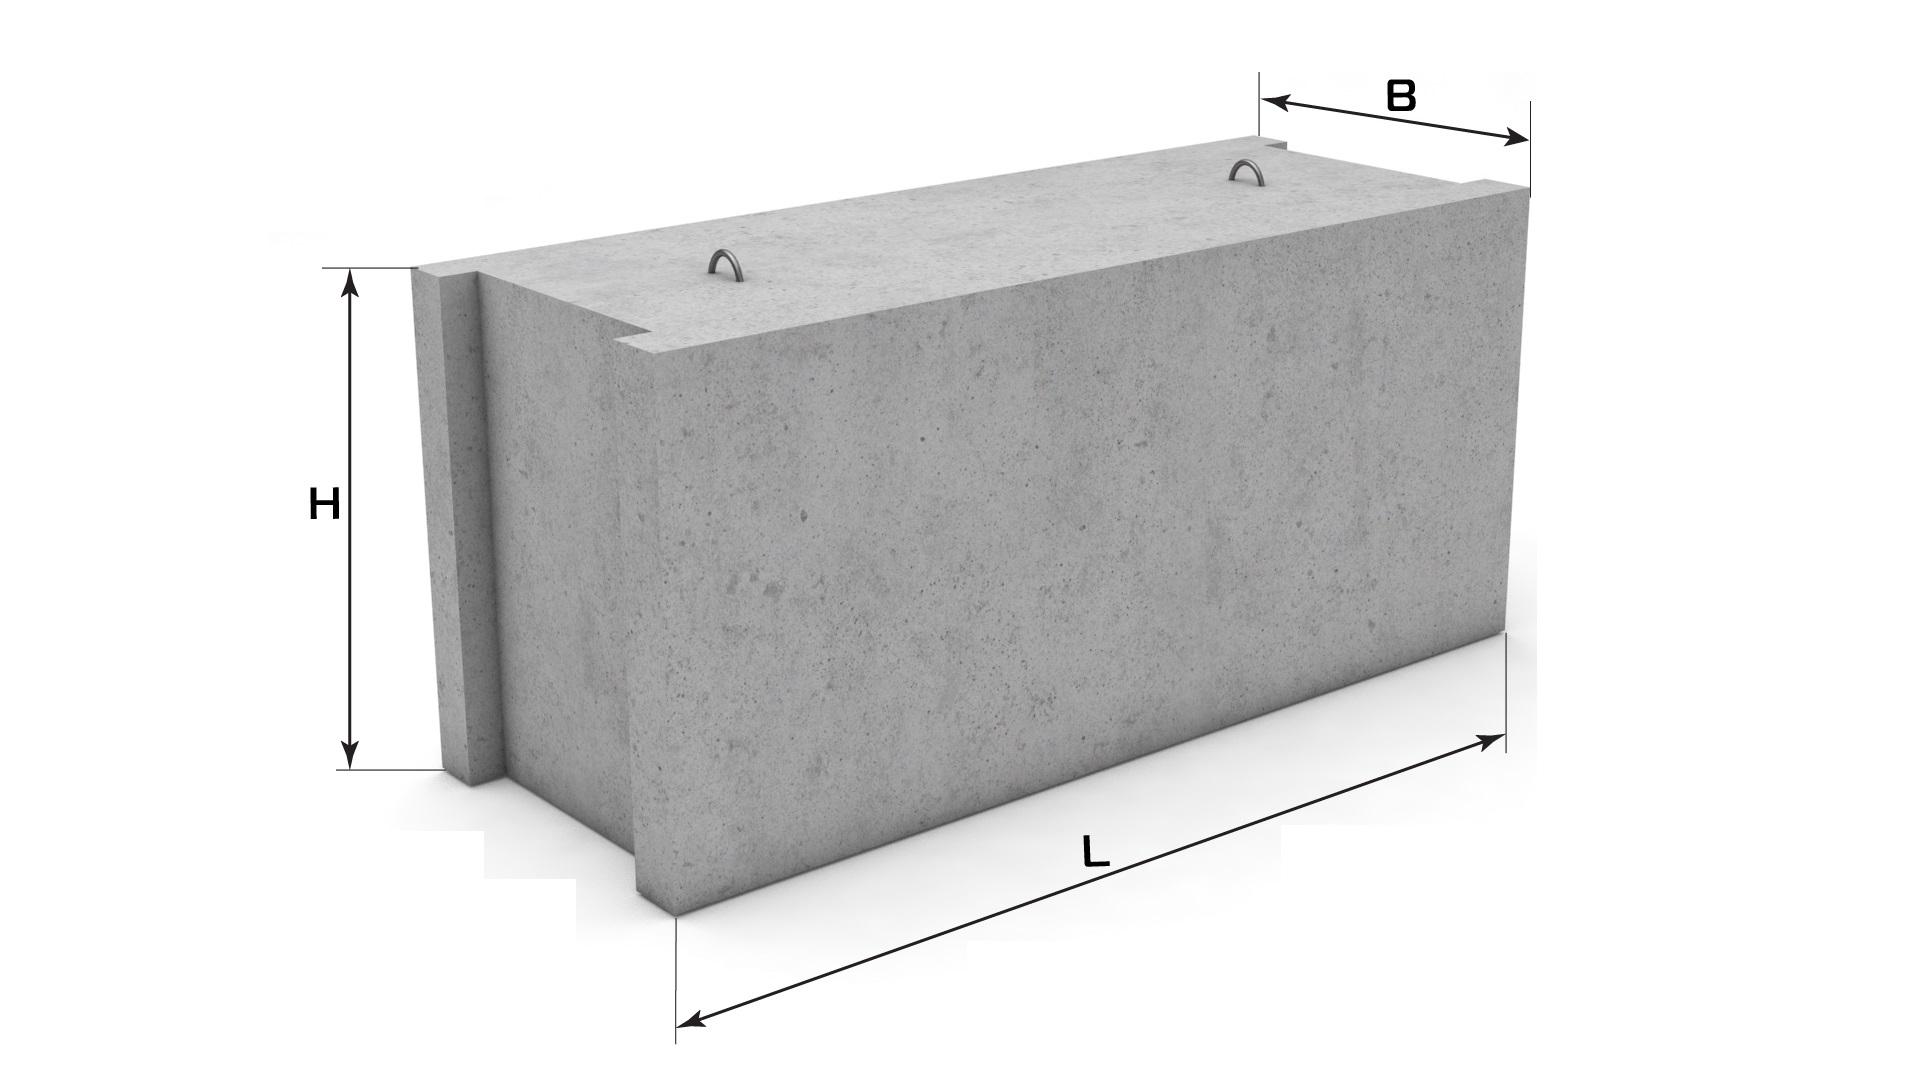 Как выглядит фундаментный блок